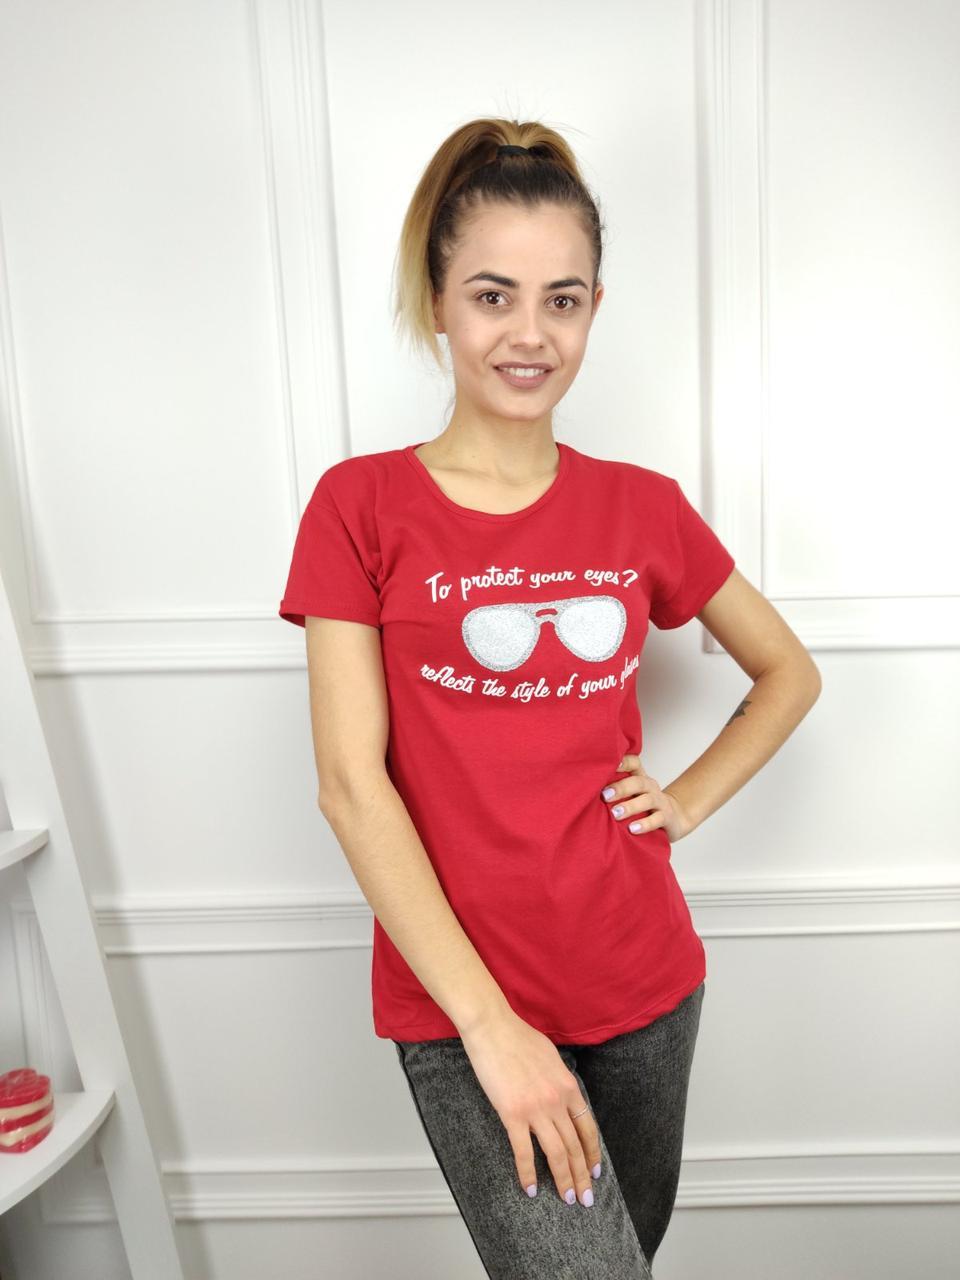 Женская футболка норма, 44-46-48рр, очки, красный